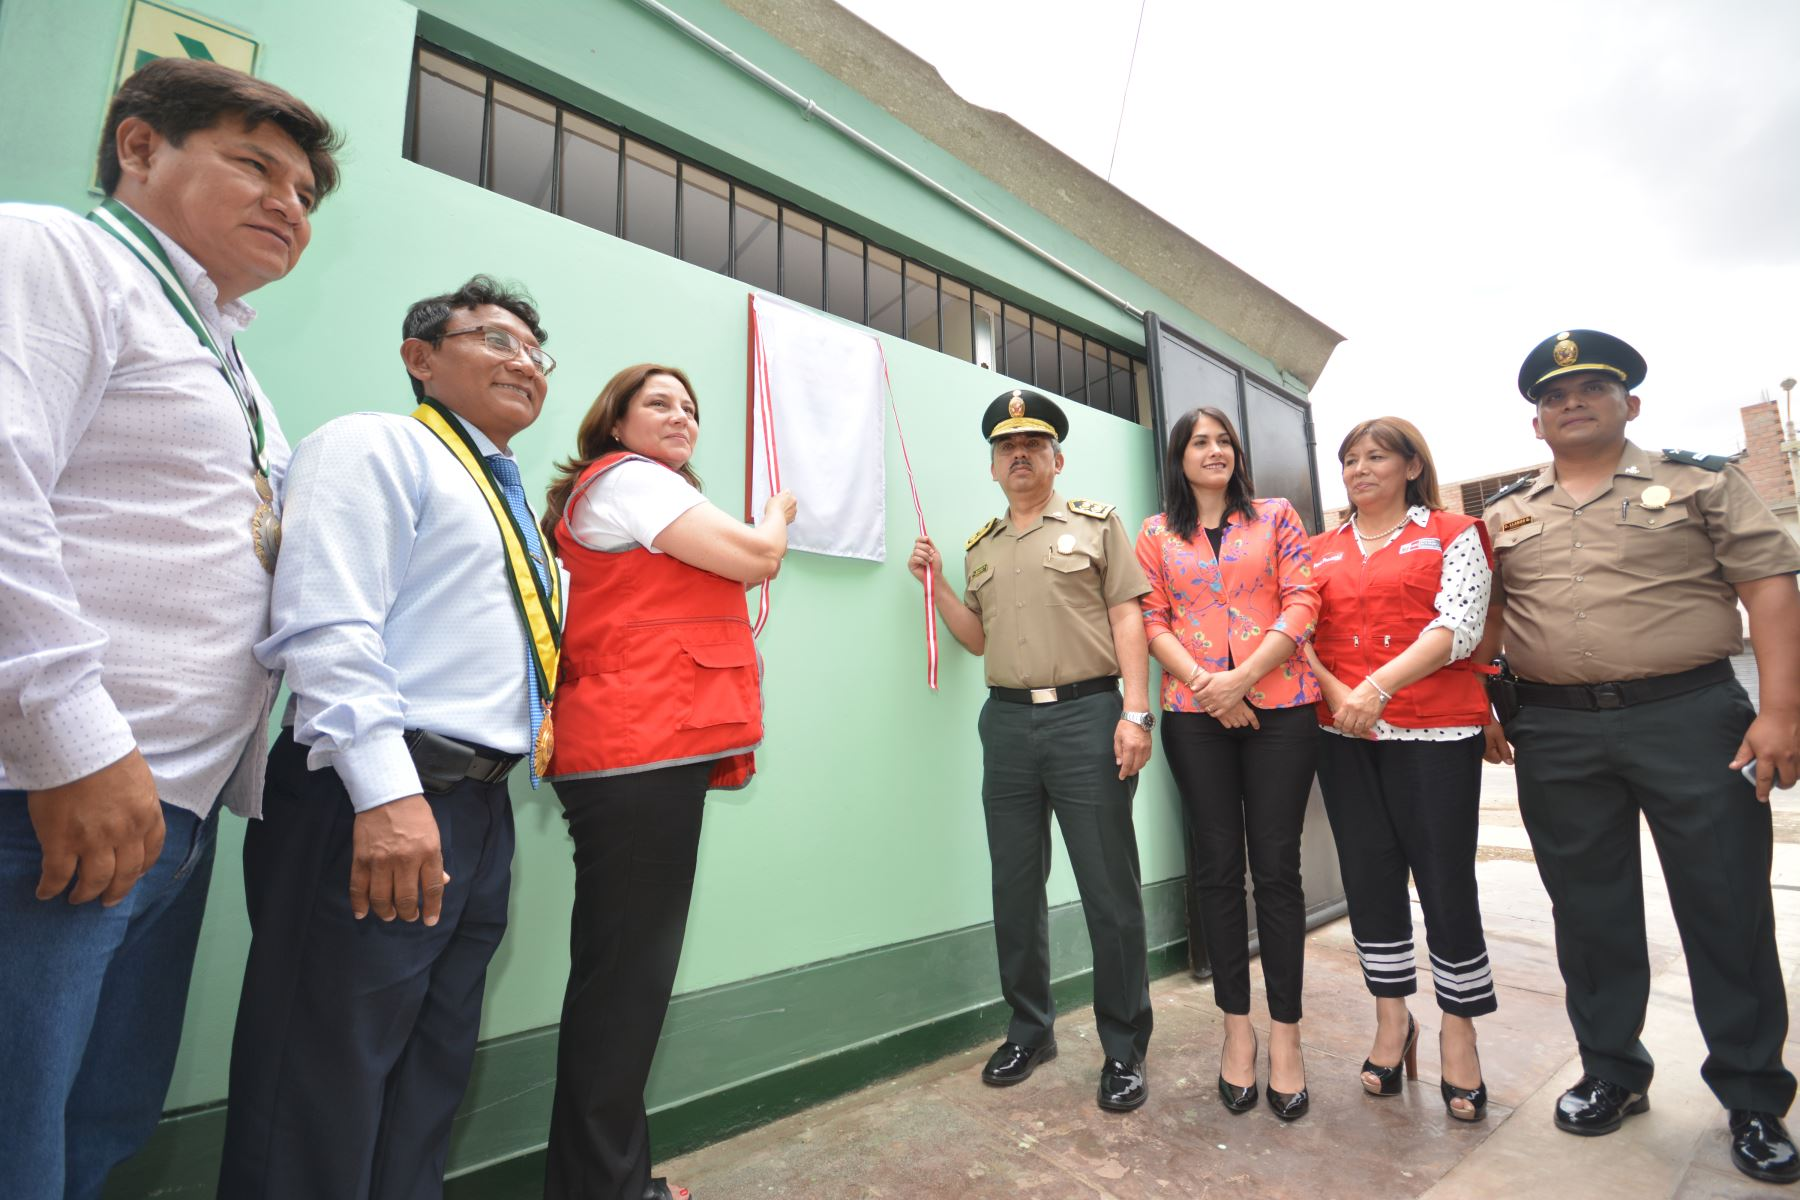 Ministra de la Mujer y Poblaciones Vulnerables, Ana María Mendieta, inauguró Centro de Emergencia Mujer en comisaría de La Tinguiña, en Ica. Foto: Cortesía/Genry Bautista